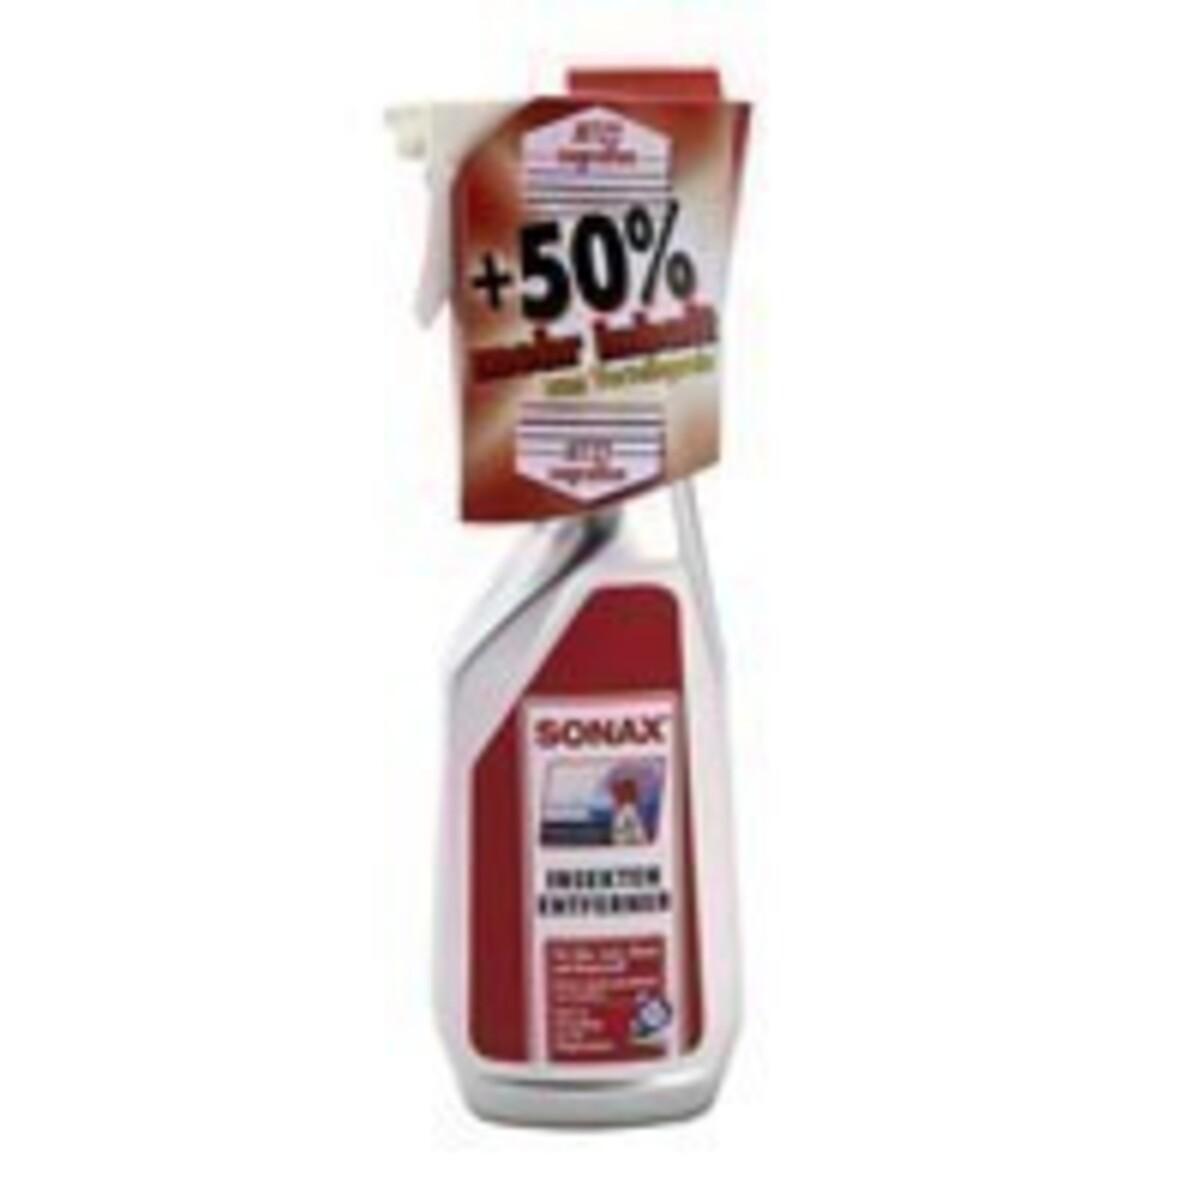 Bild 1 von SONAX 533400 InsektenEntferner Aktionsflasche 750 ml